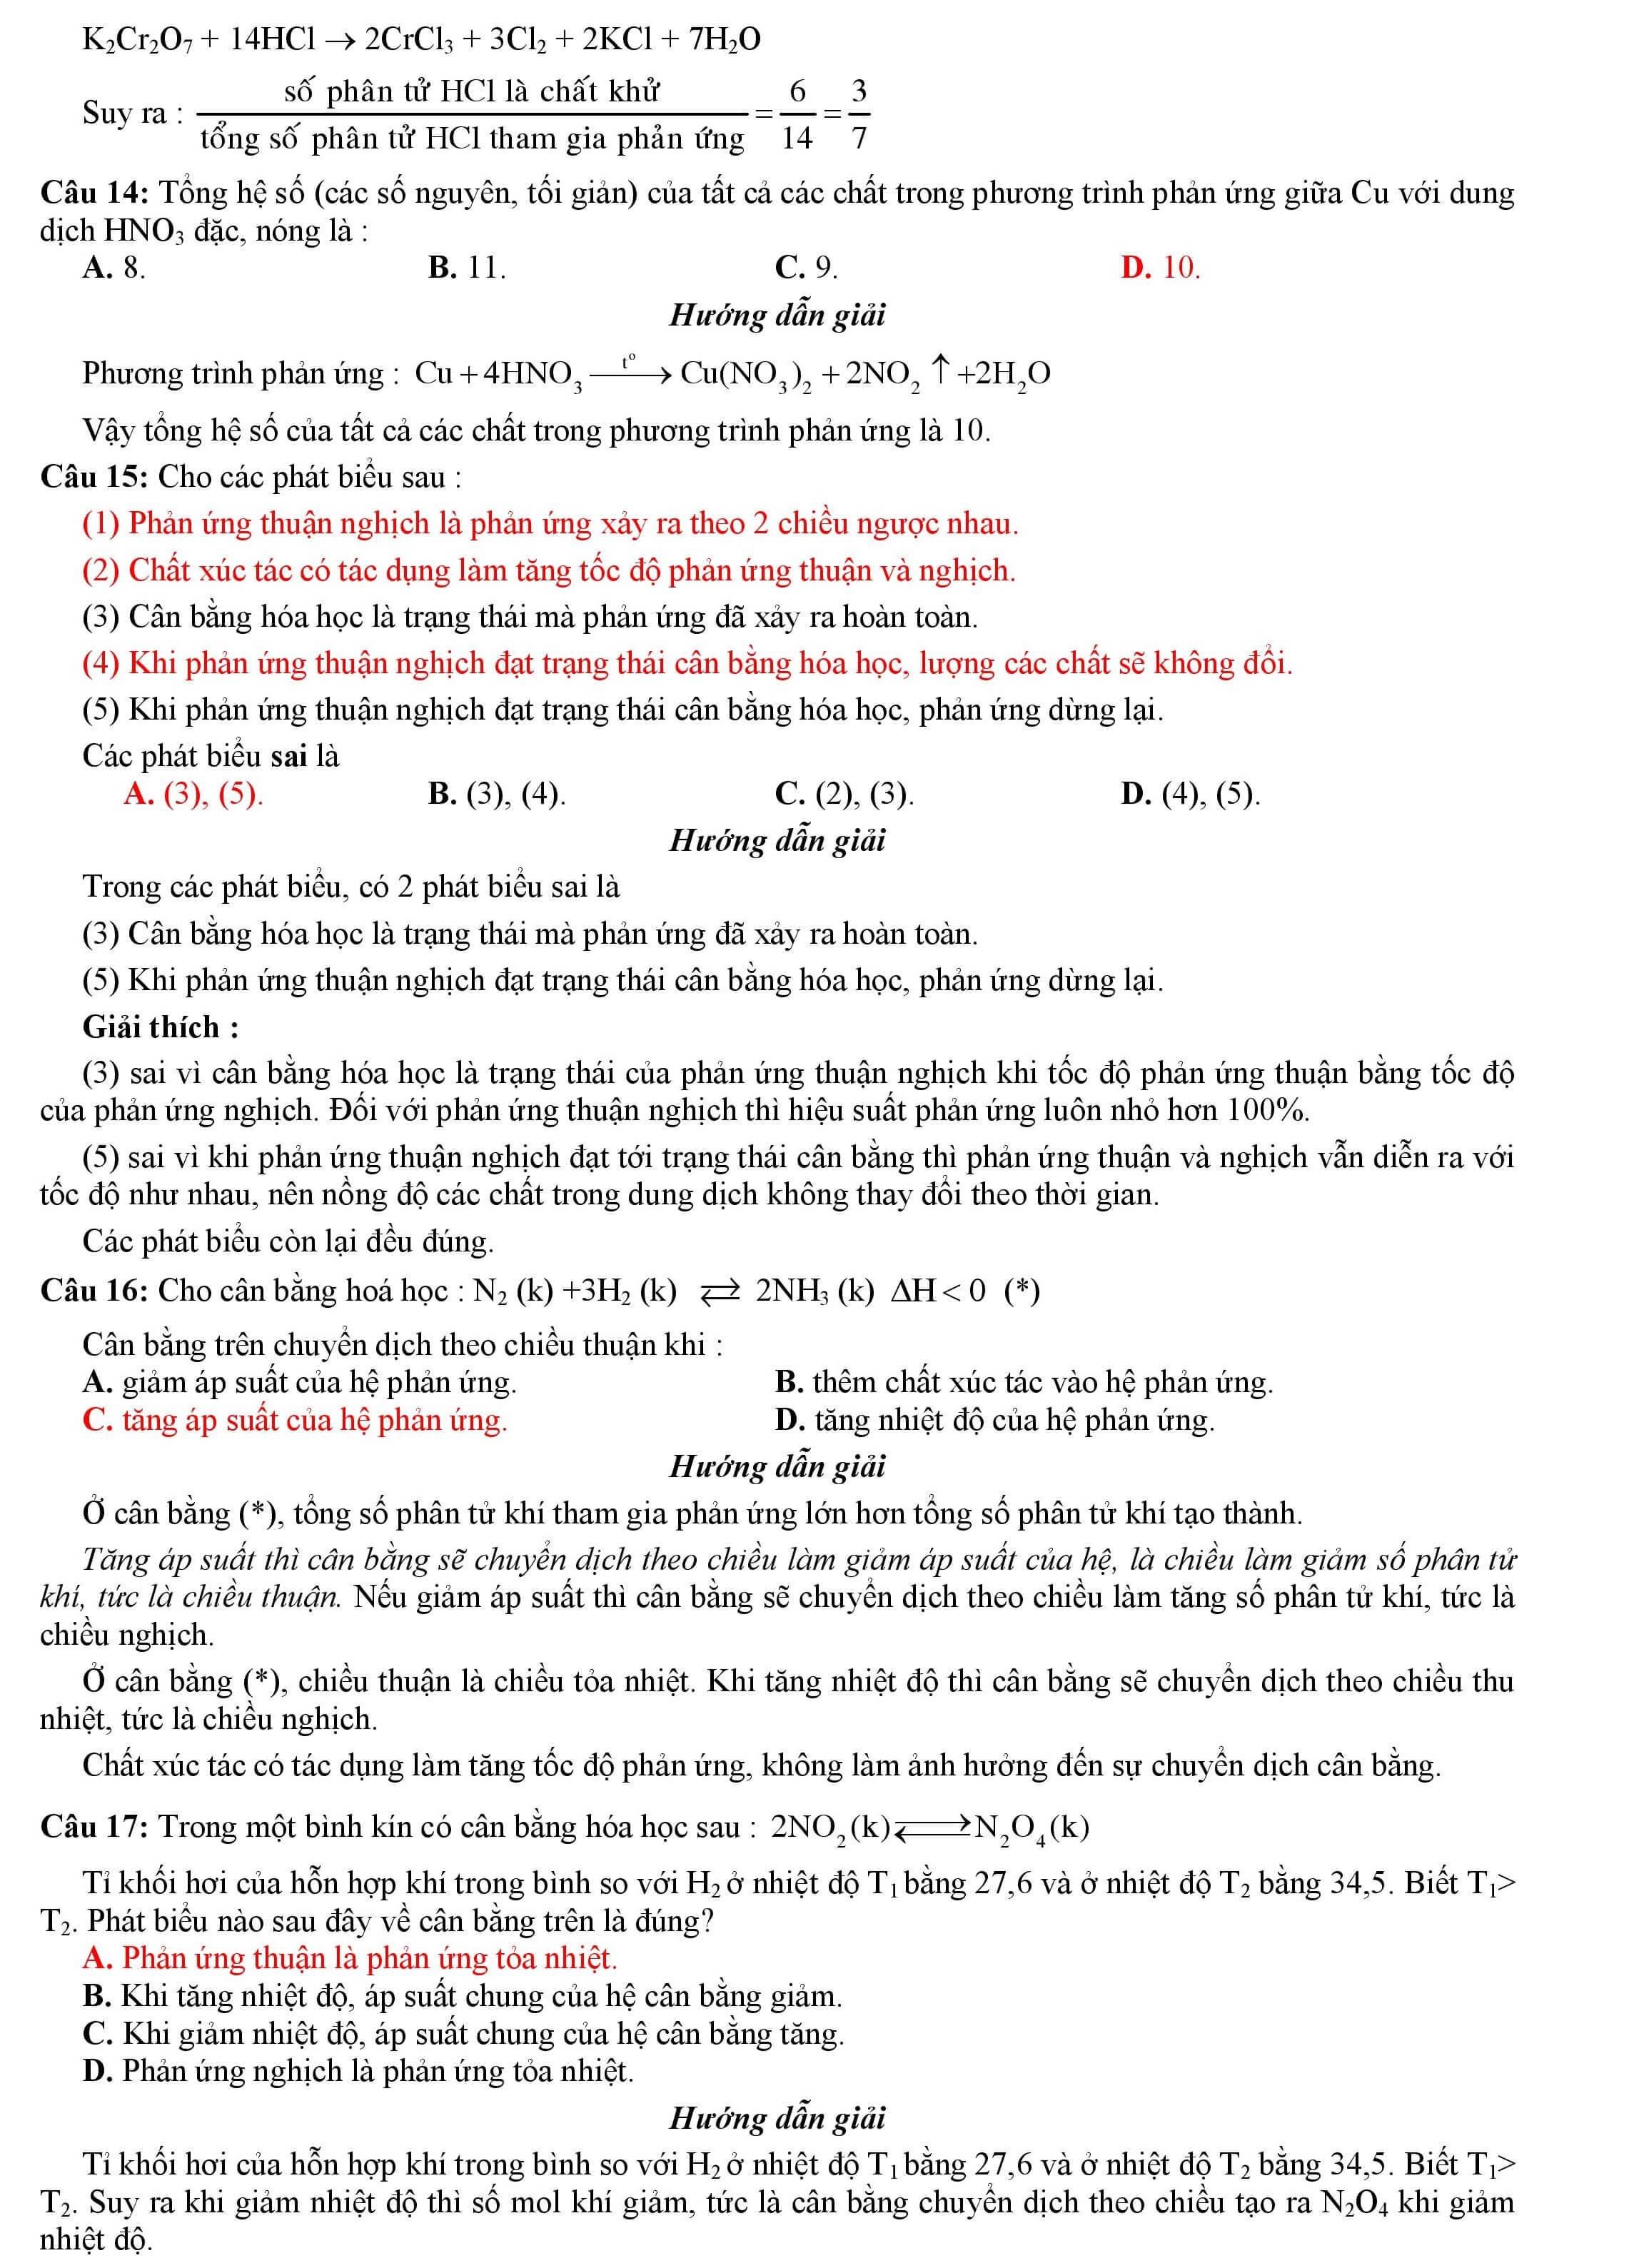 Tốc độ phản ứng và cân bằng hóa học (4).jpg